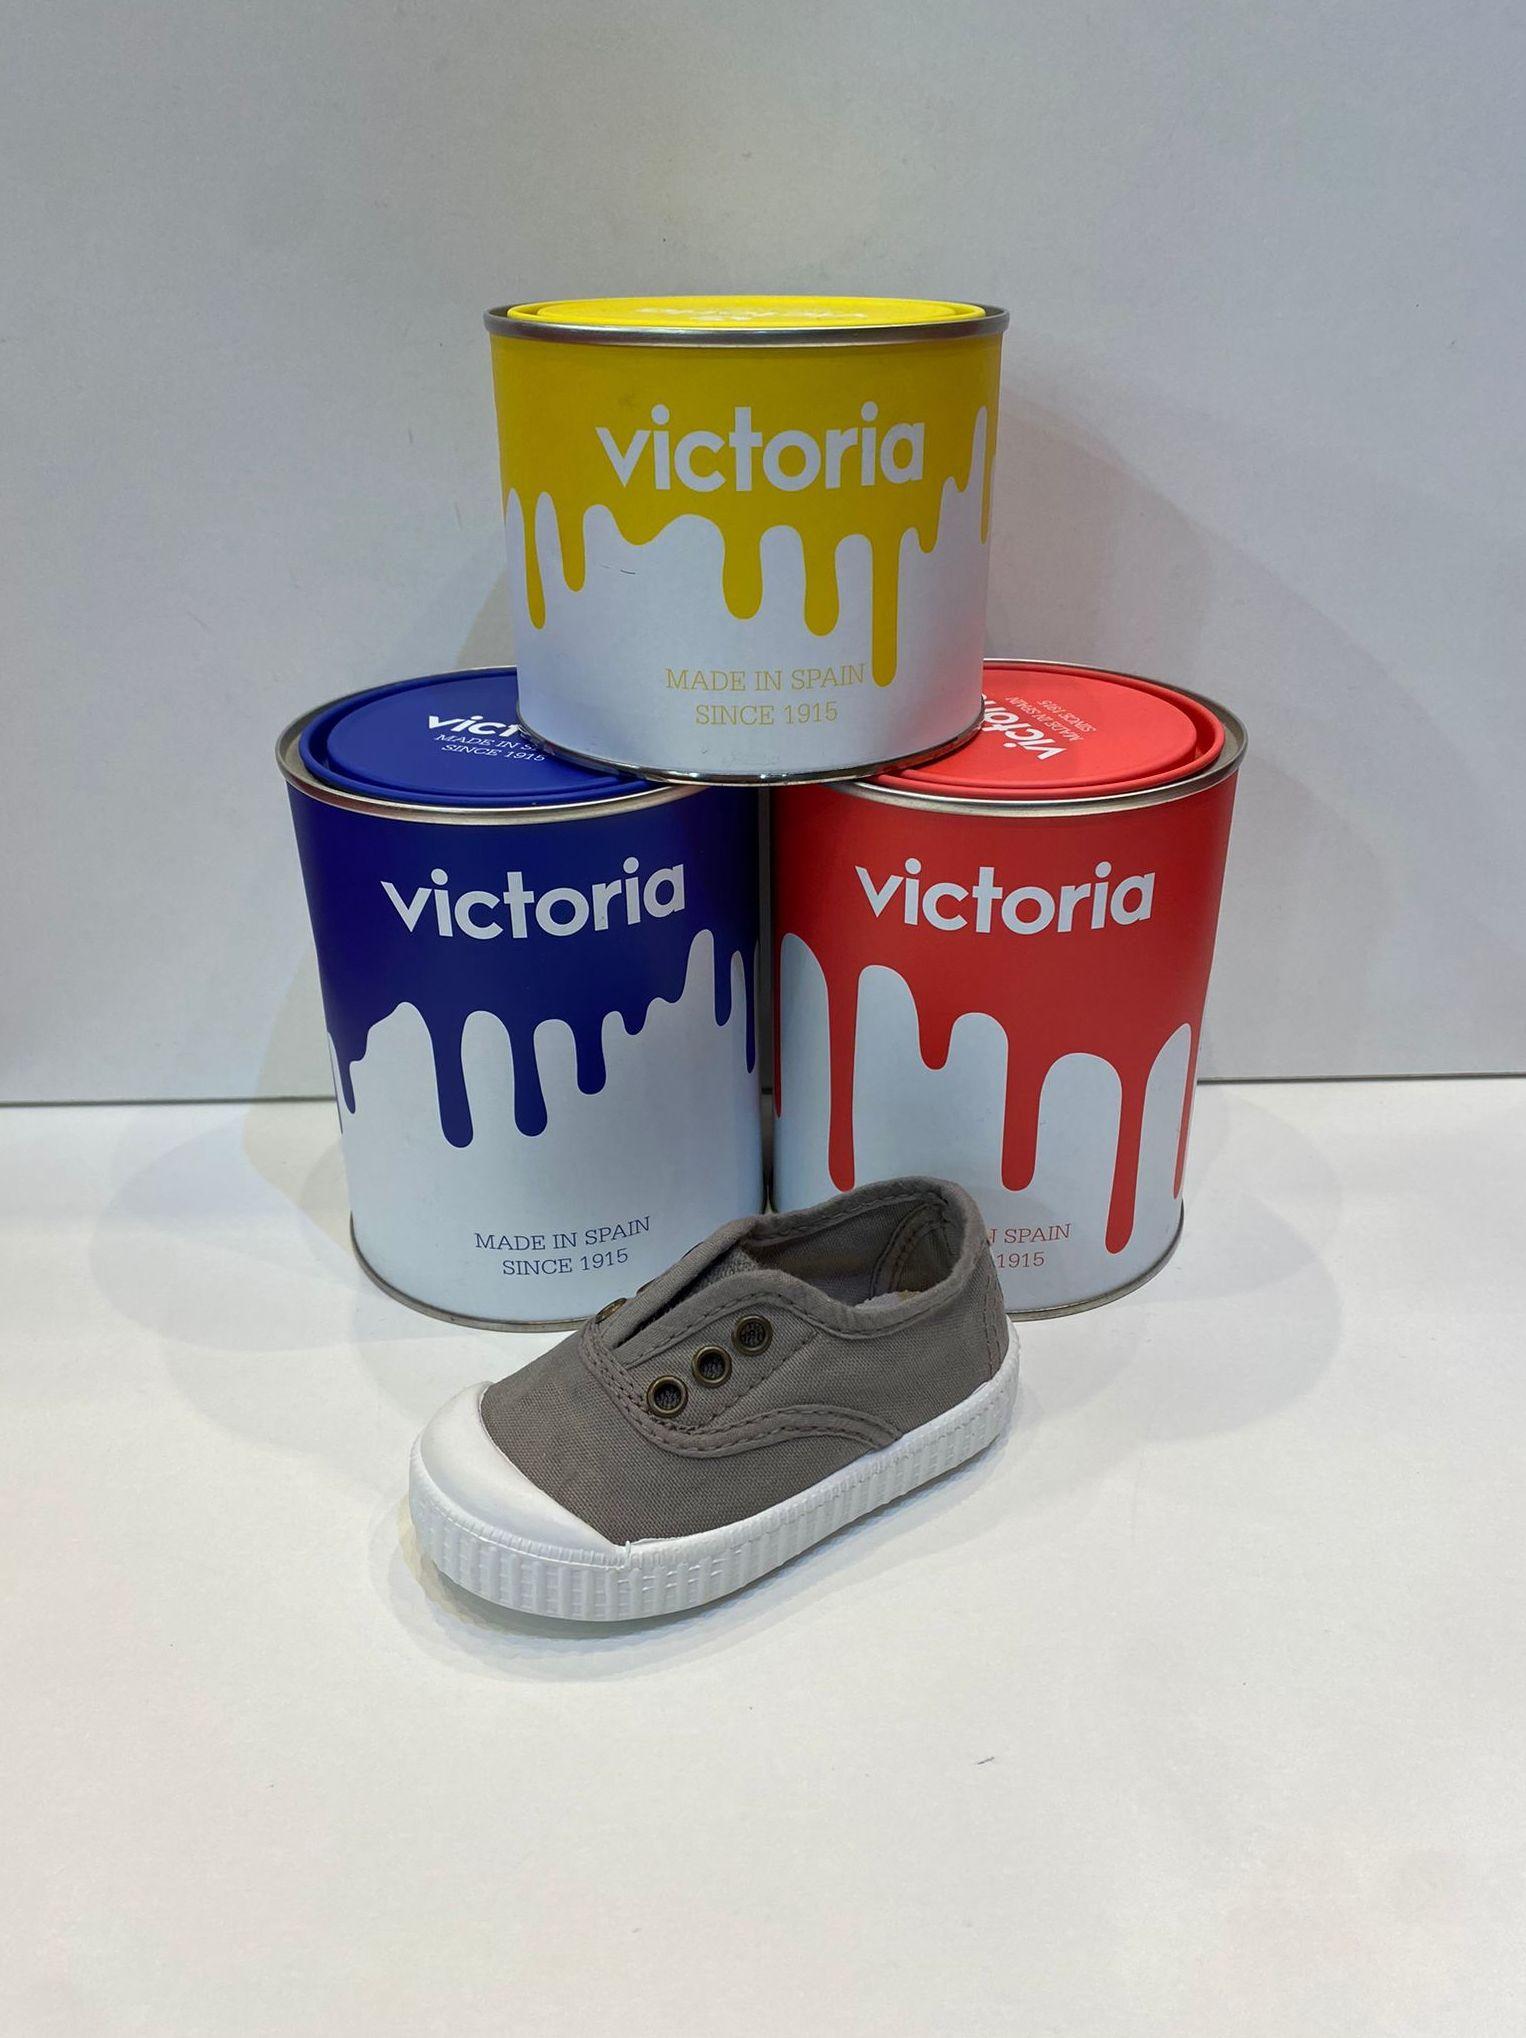 Loneta de cotó rentat, de la marca Victoria, amb puntera de goma 35€ www.calzadosllinas.es